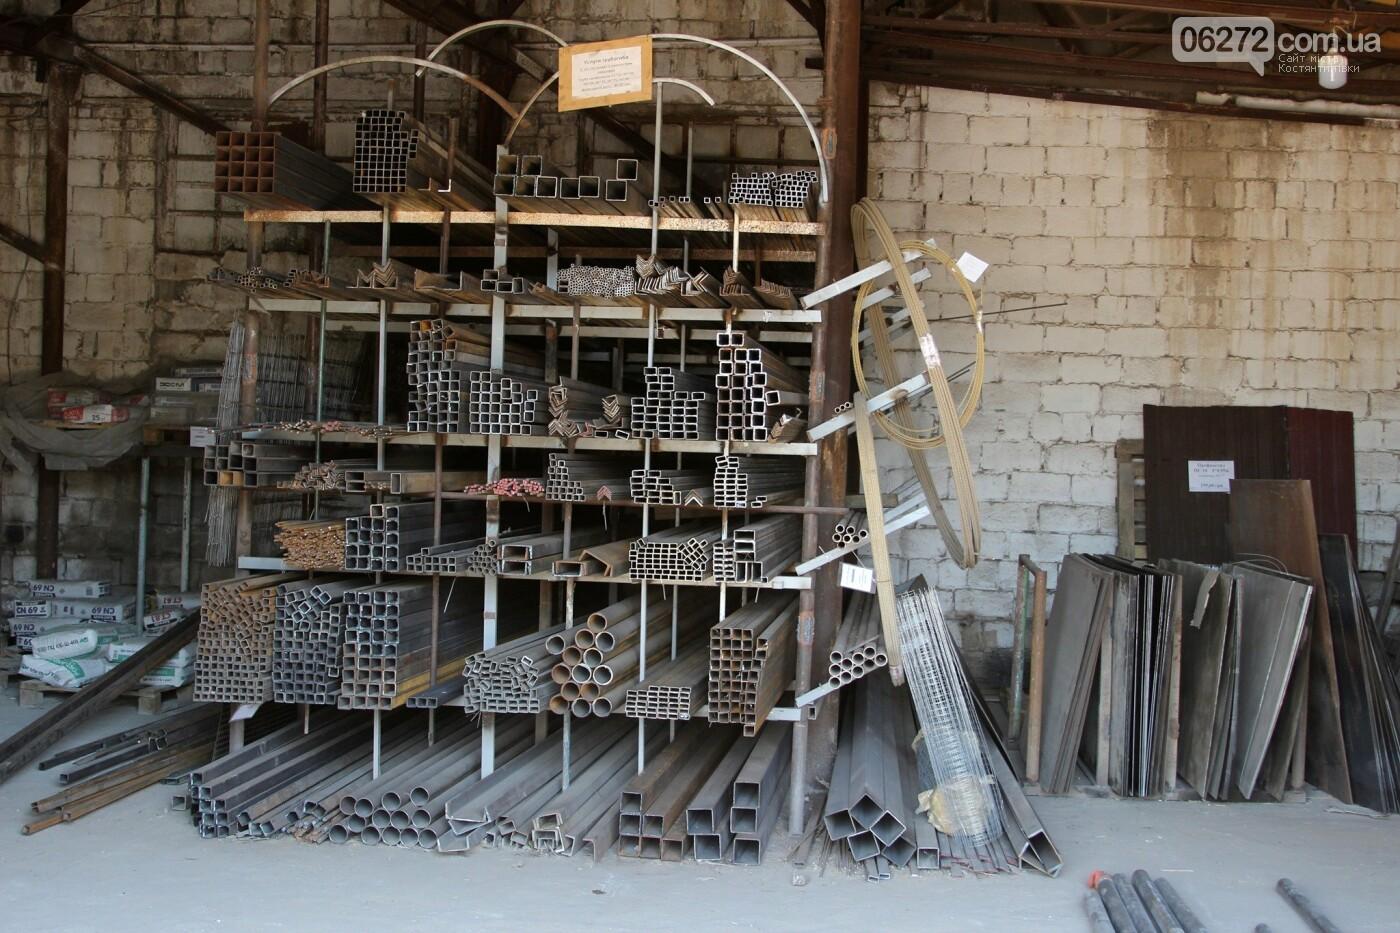 """""""Наші ціни краще знижок"""" - у будівельному інтернет супермаркеті procom.ua знову розпродаж !?, фото-2"""